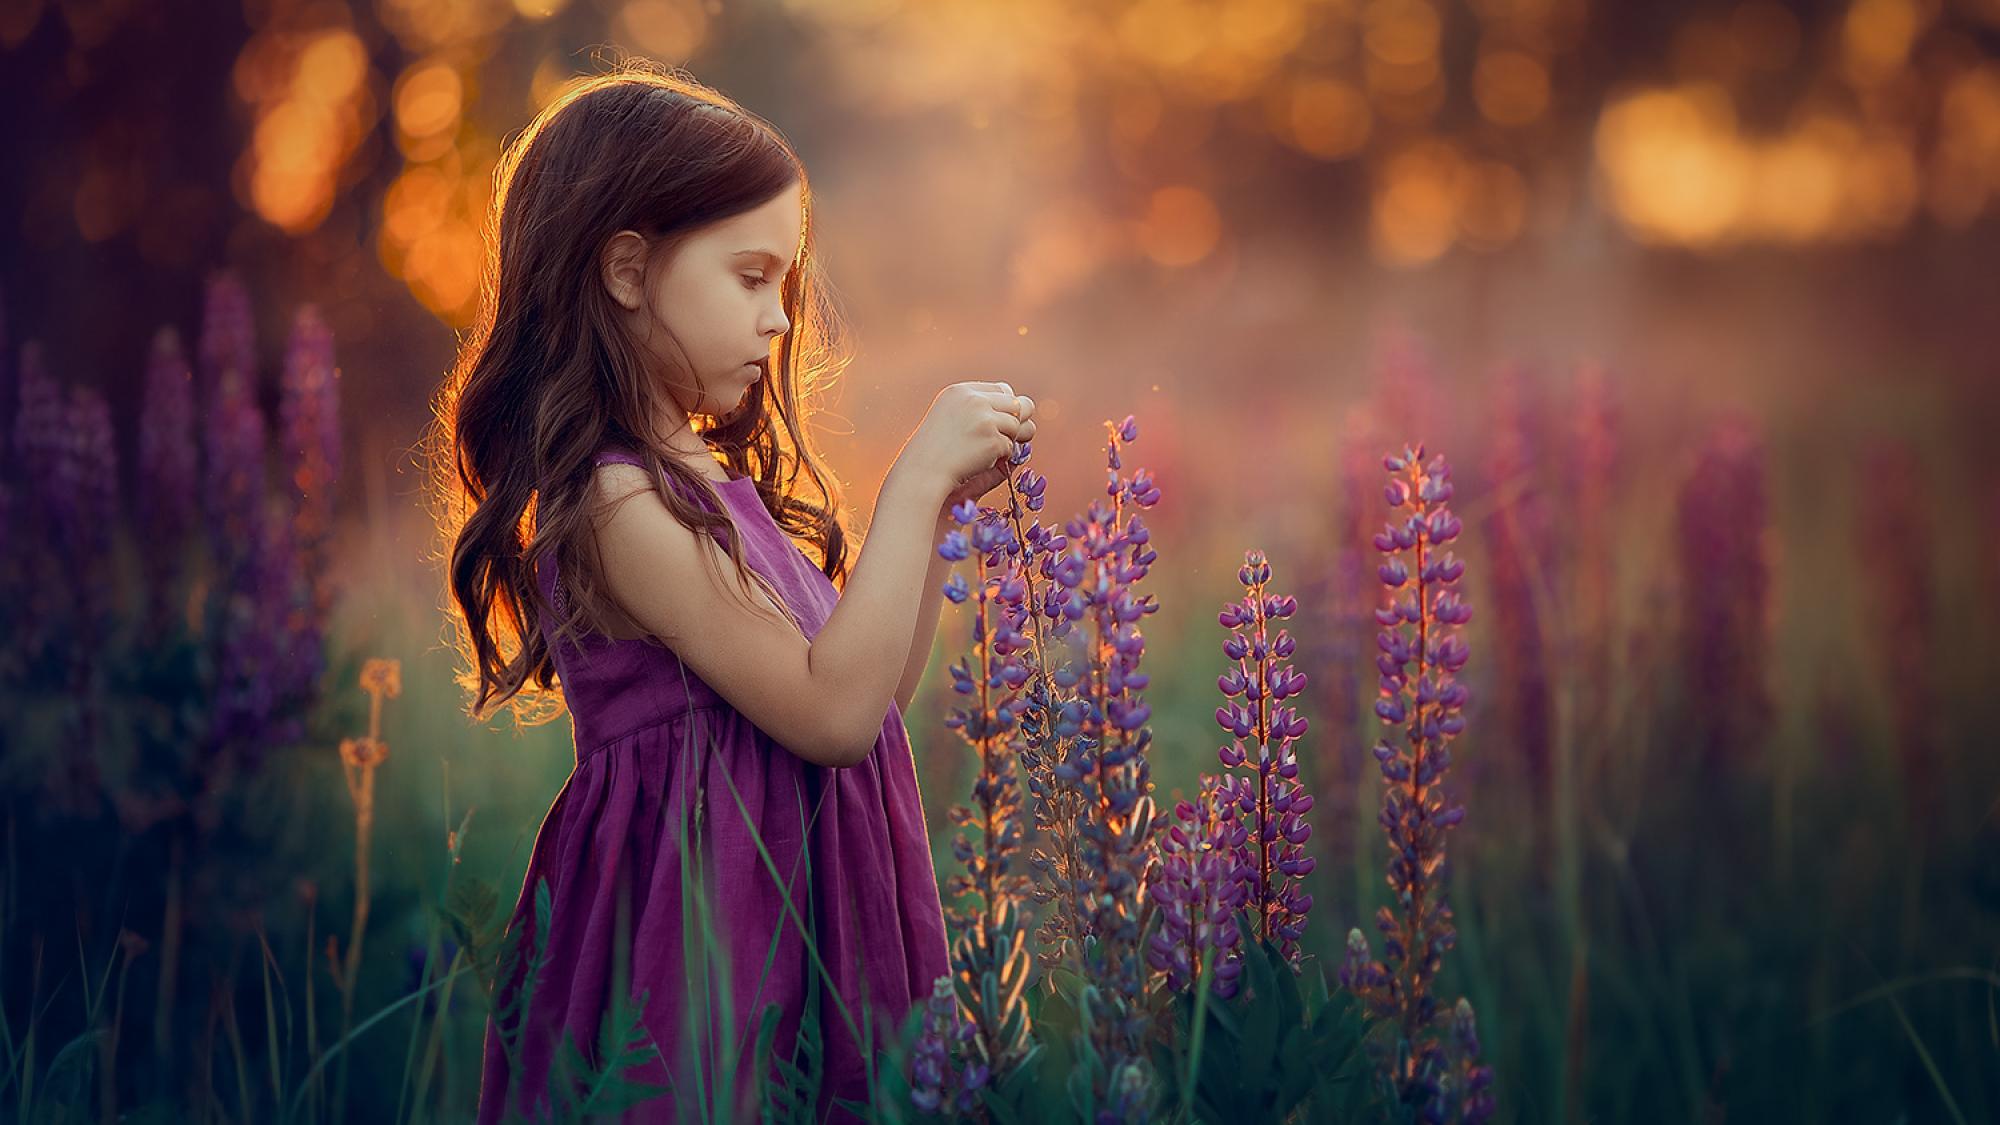 Фотосессия для девочки москва. Фотограф Катрин Белоцерковская